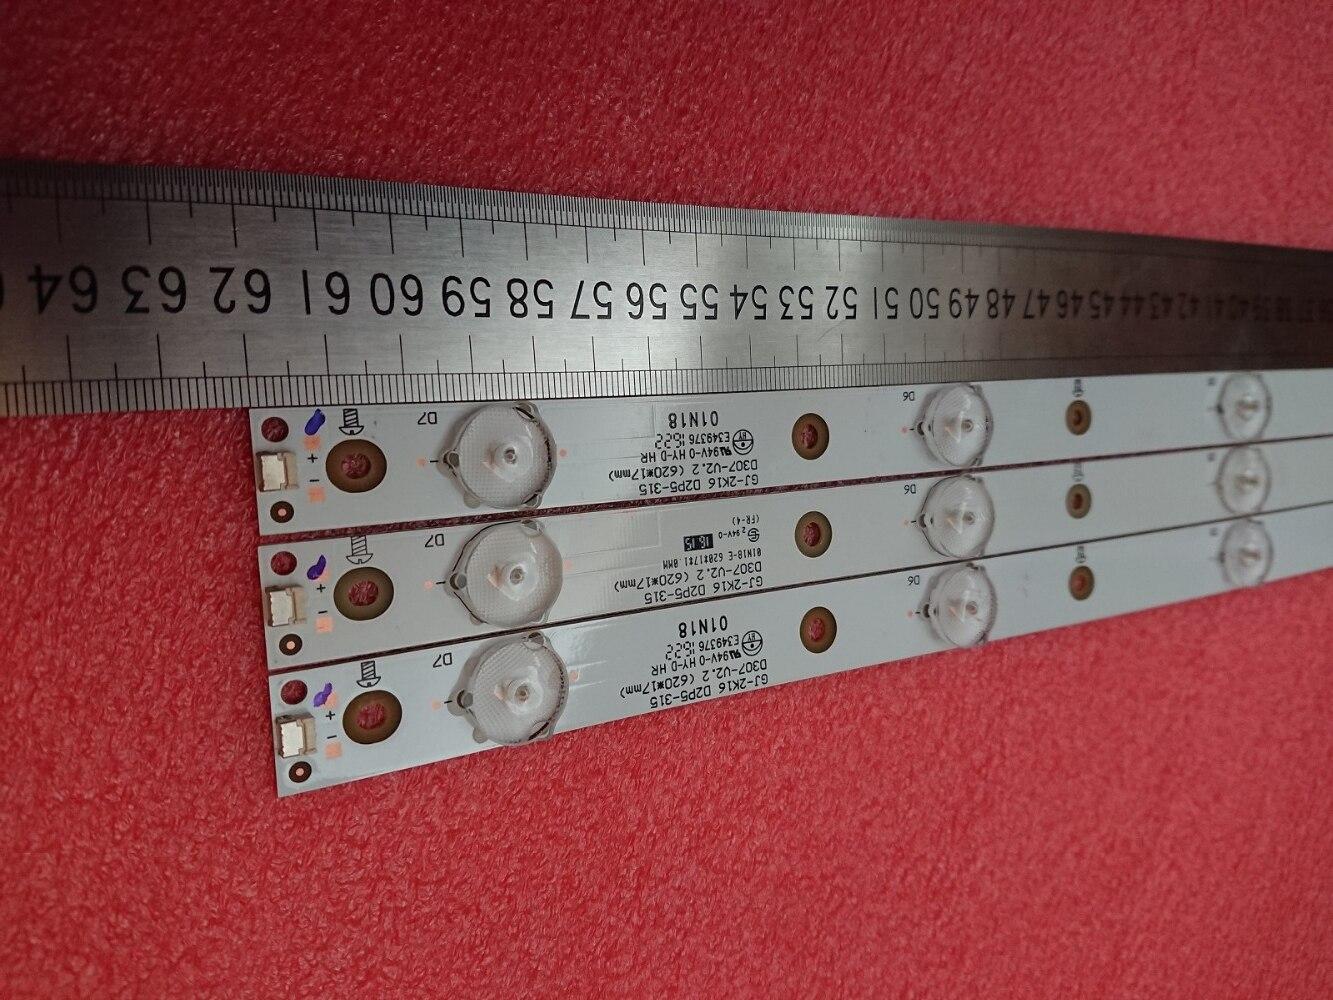 Nouveau 10 set = 30 pièces 7 LED (3 V) 620mm LED bande de rétro éclairage pour KDL 32R330D 32PHS5301 32PFS5501 LB32080 V0 E465853 E349376 TPT315B5-in Pièces de rechange et accessoires from Electronique    1